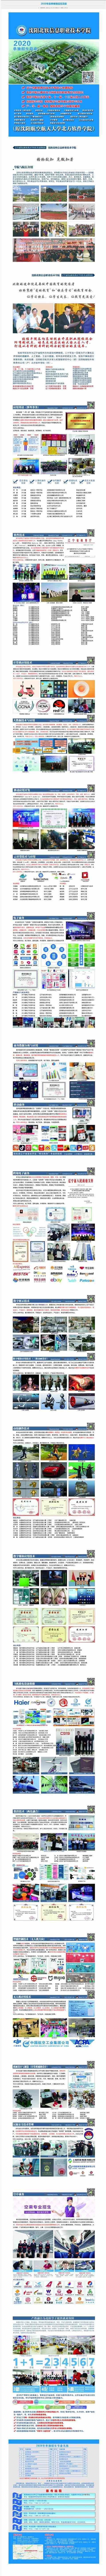 2020沈阳北软信息职业技术学院单招简章